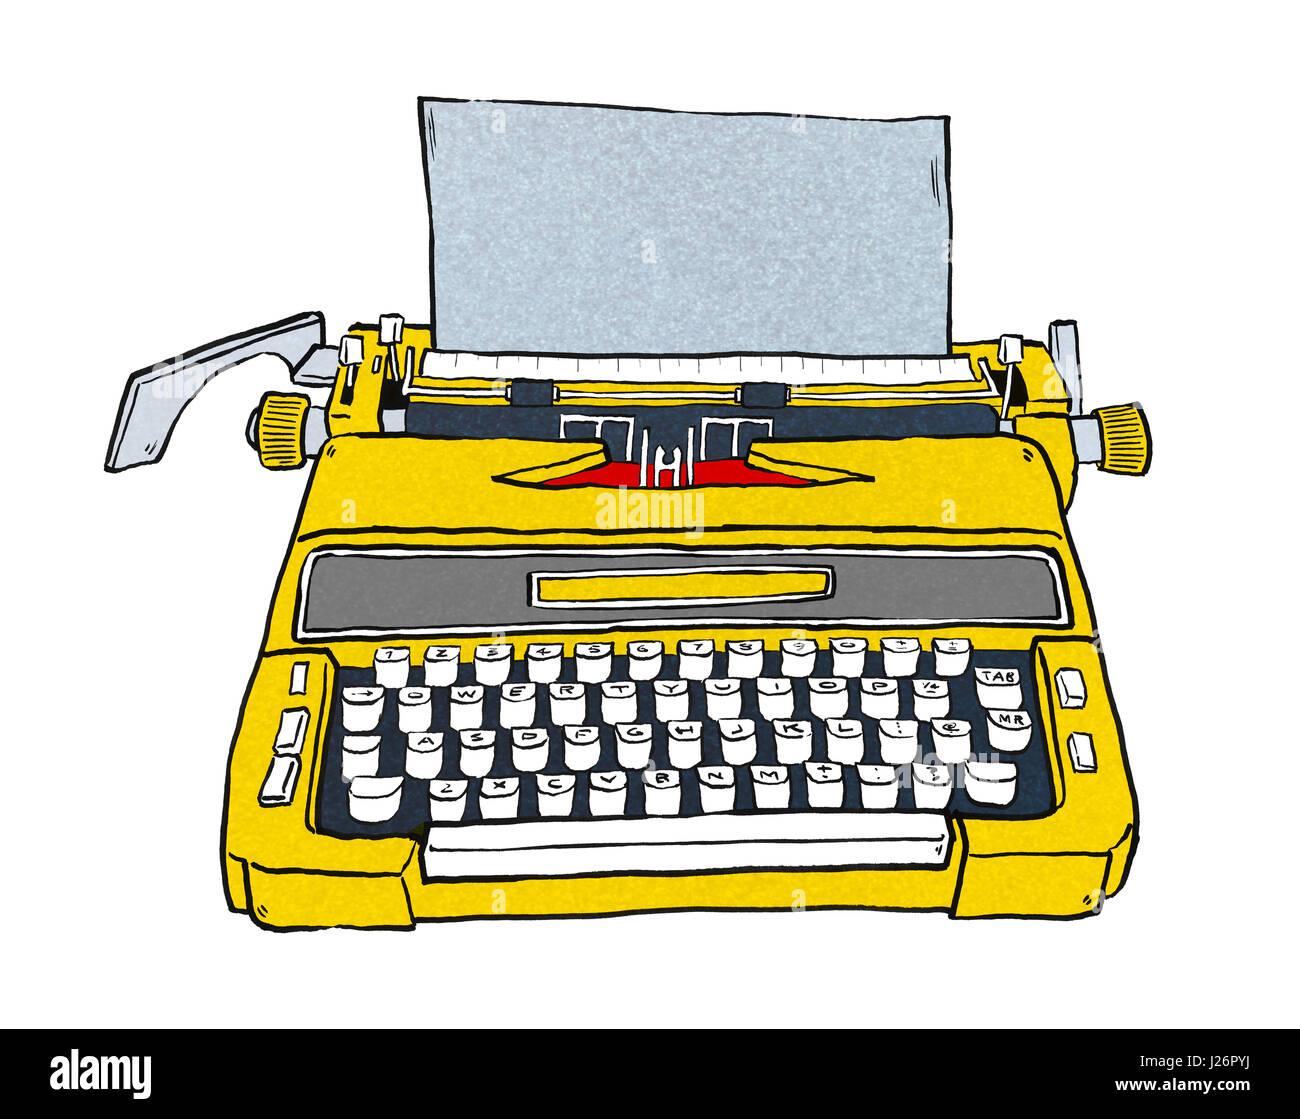 old typewriter hand drawn - Stock Image